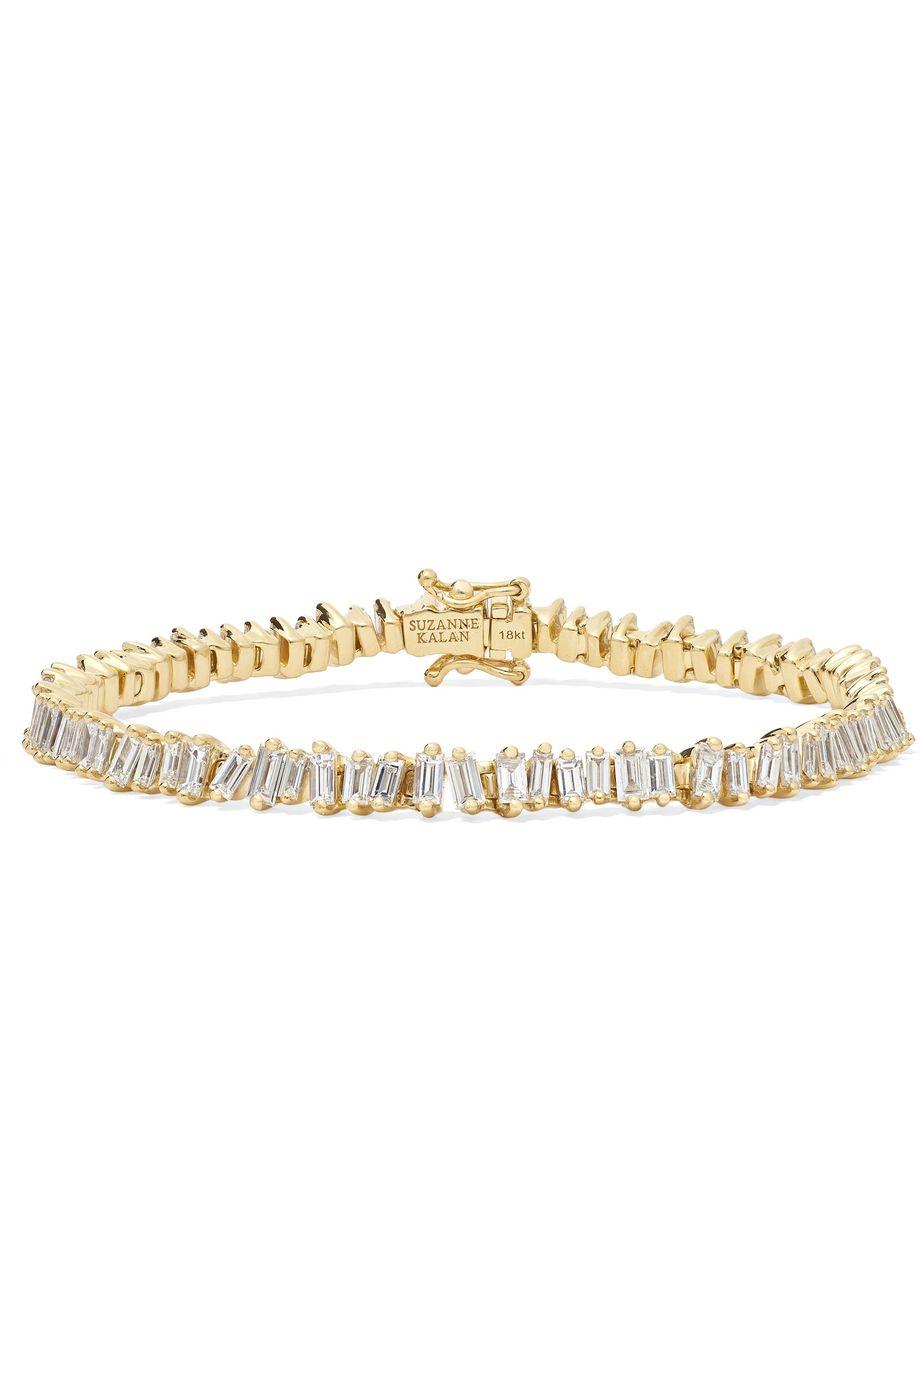 Suzanne Kalan Bracelet en or 18 carats et diamants